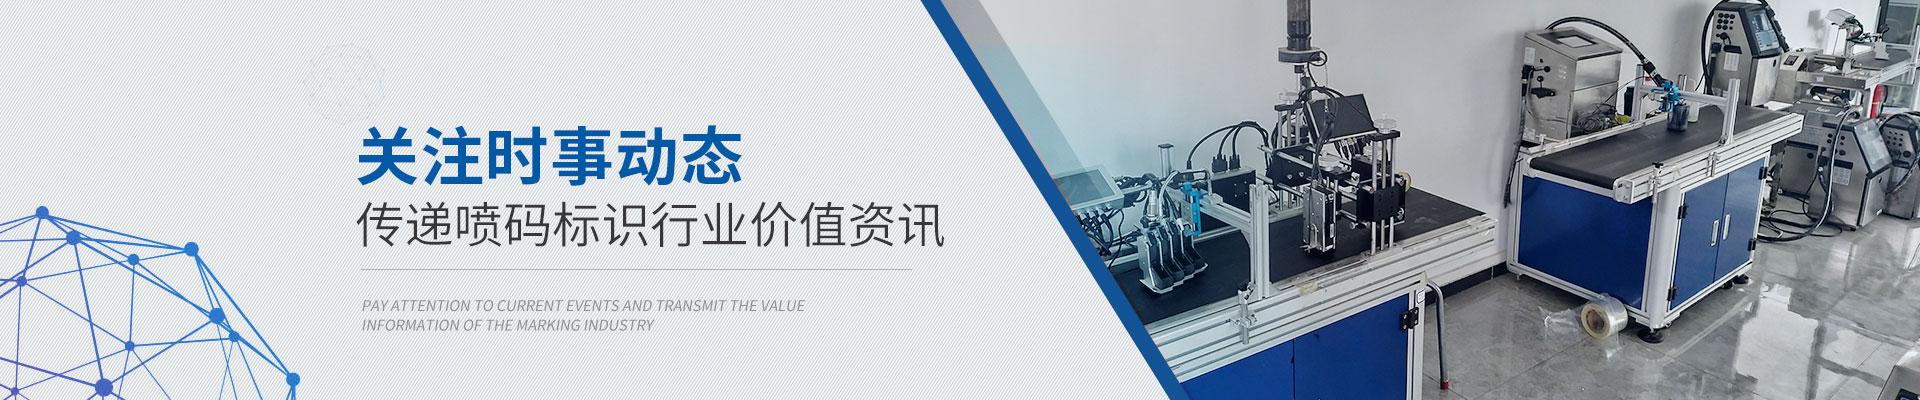 瑞润-传递喷码标识行业价值资讯